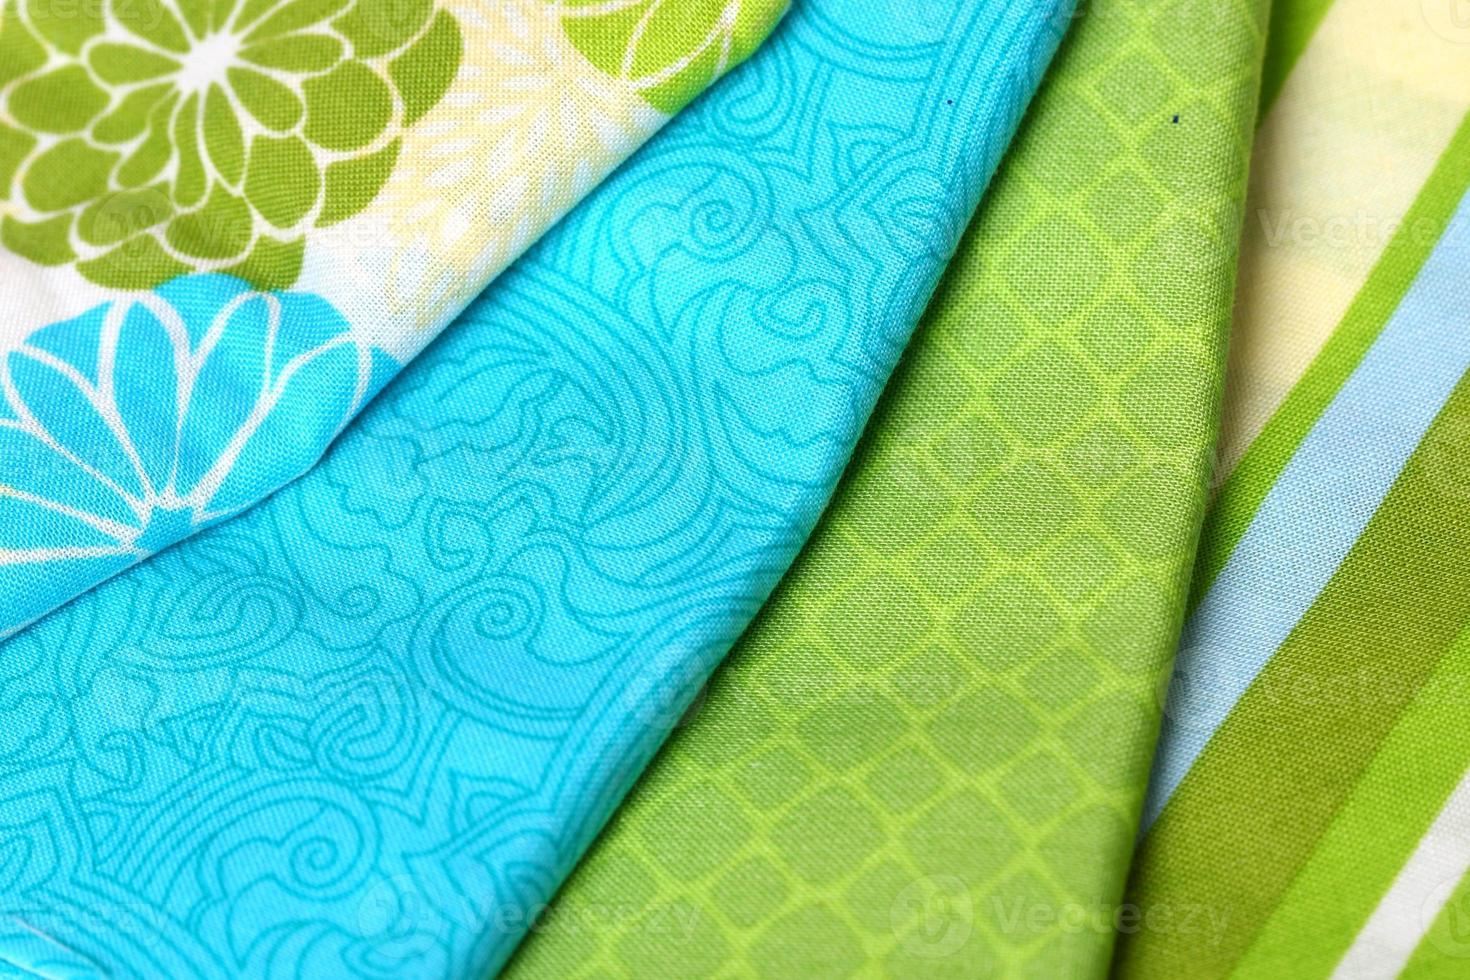 tavolozza di tessuto colorato blu e verde foto